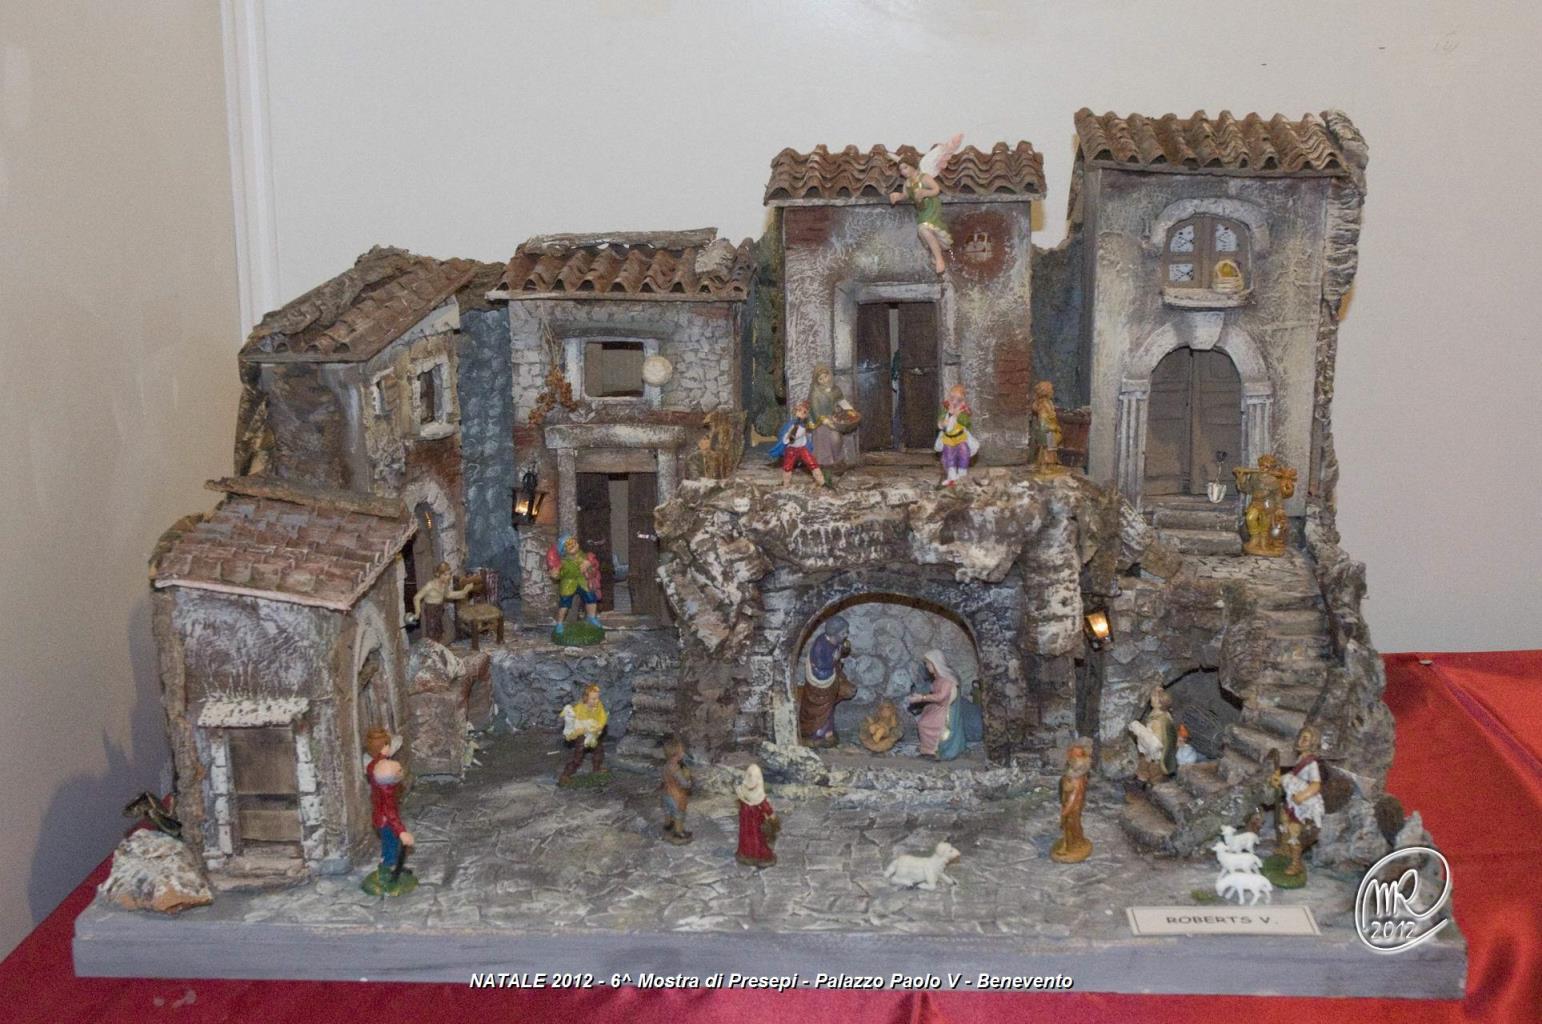 Nella Sala Mostre di Palazzo Paolo V dall'8 al 18 dicembre sarà allestita la 'Mostra dei Presepi'